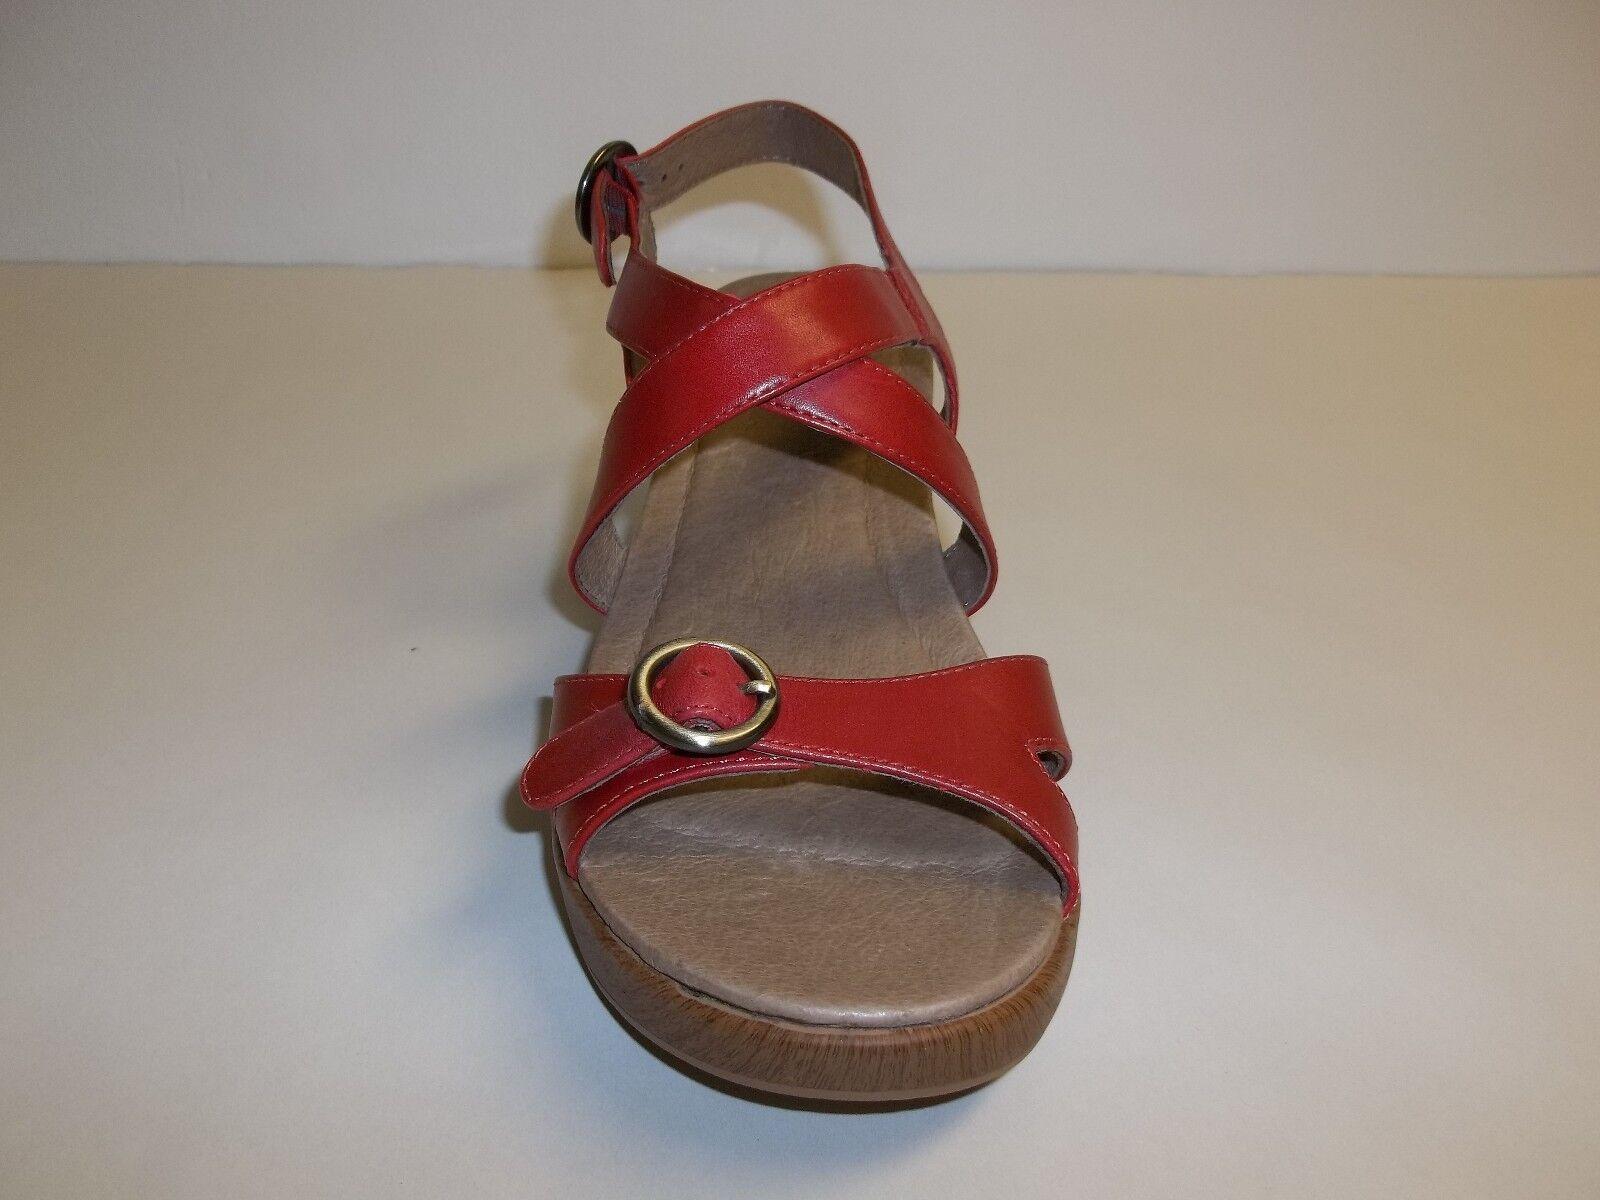 Dansko Größe 10.5 to 11 JESSIE ROT Leder Wedge Sandales NEU Damenschuhe Schuhes NWOB